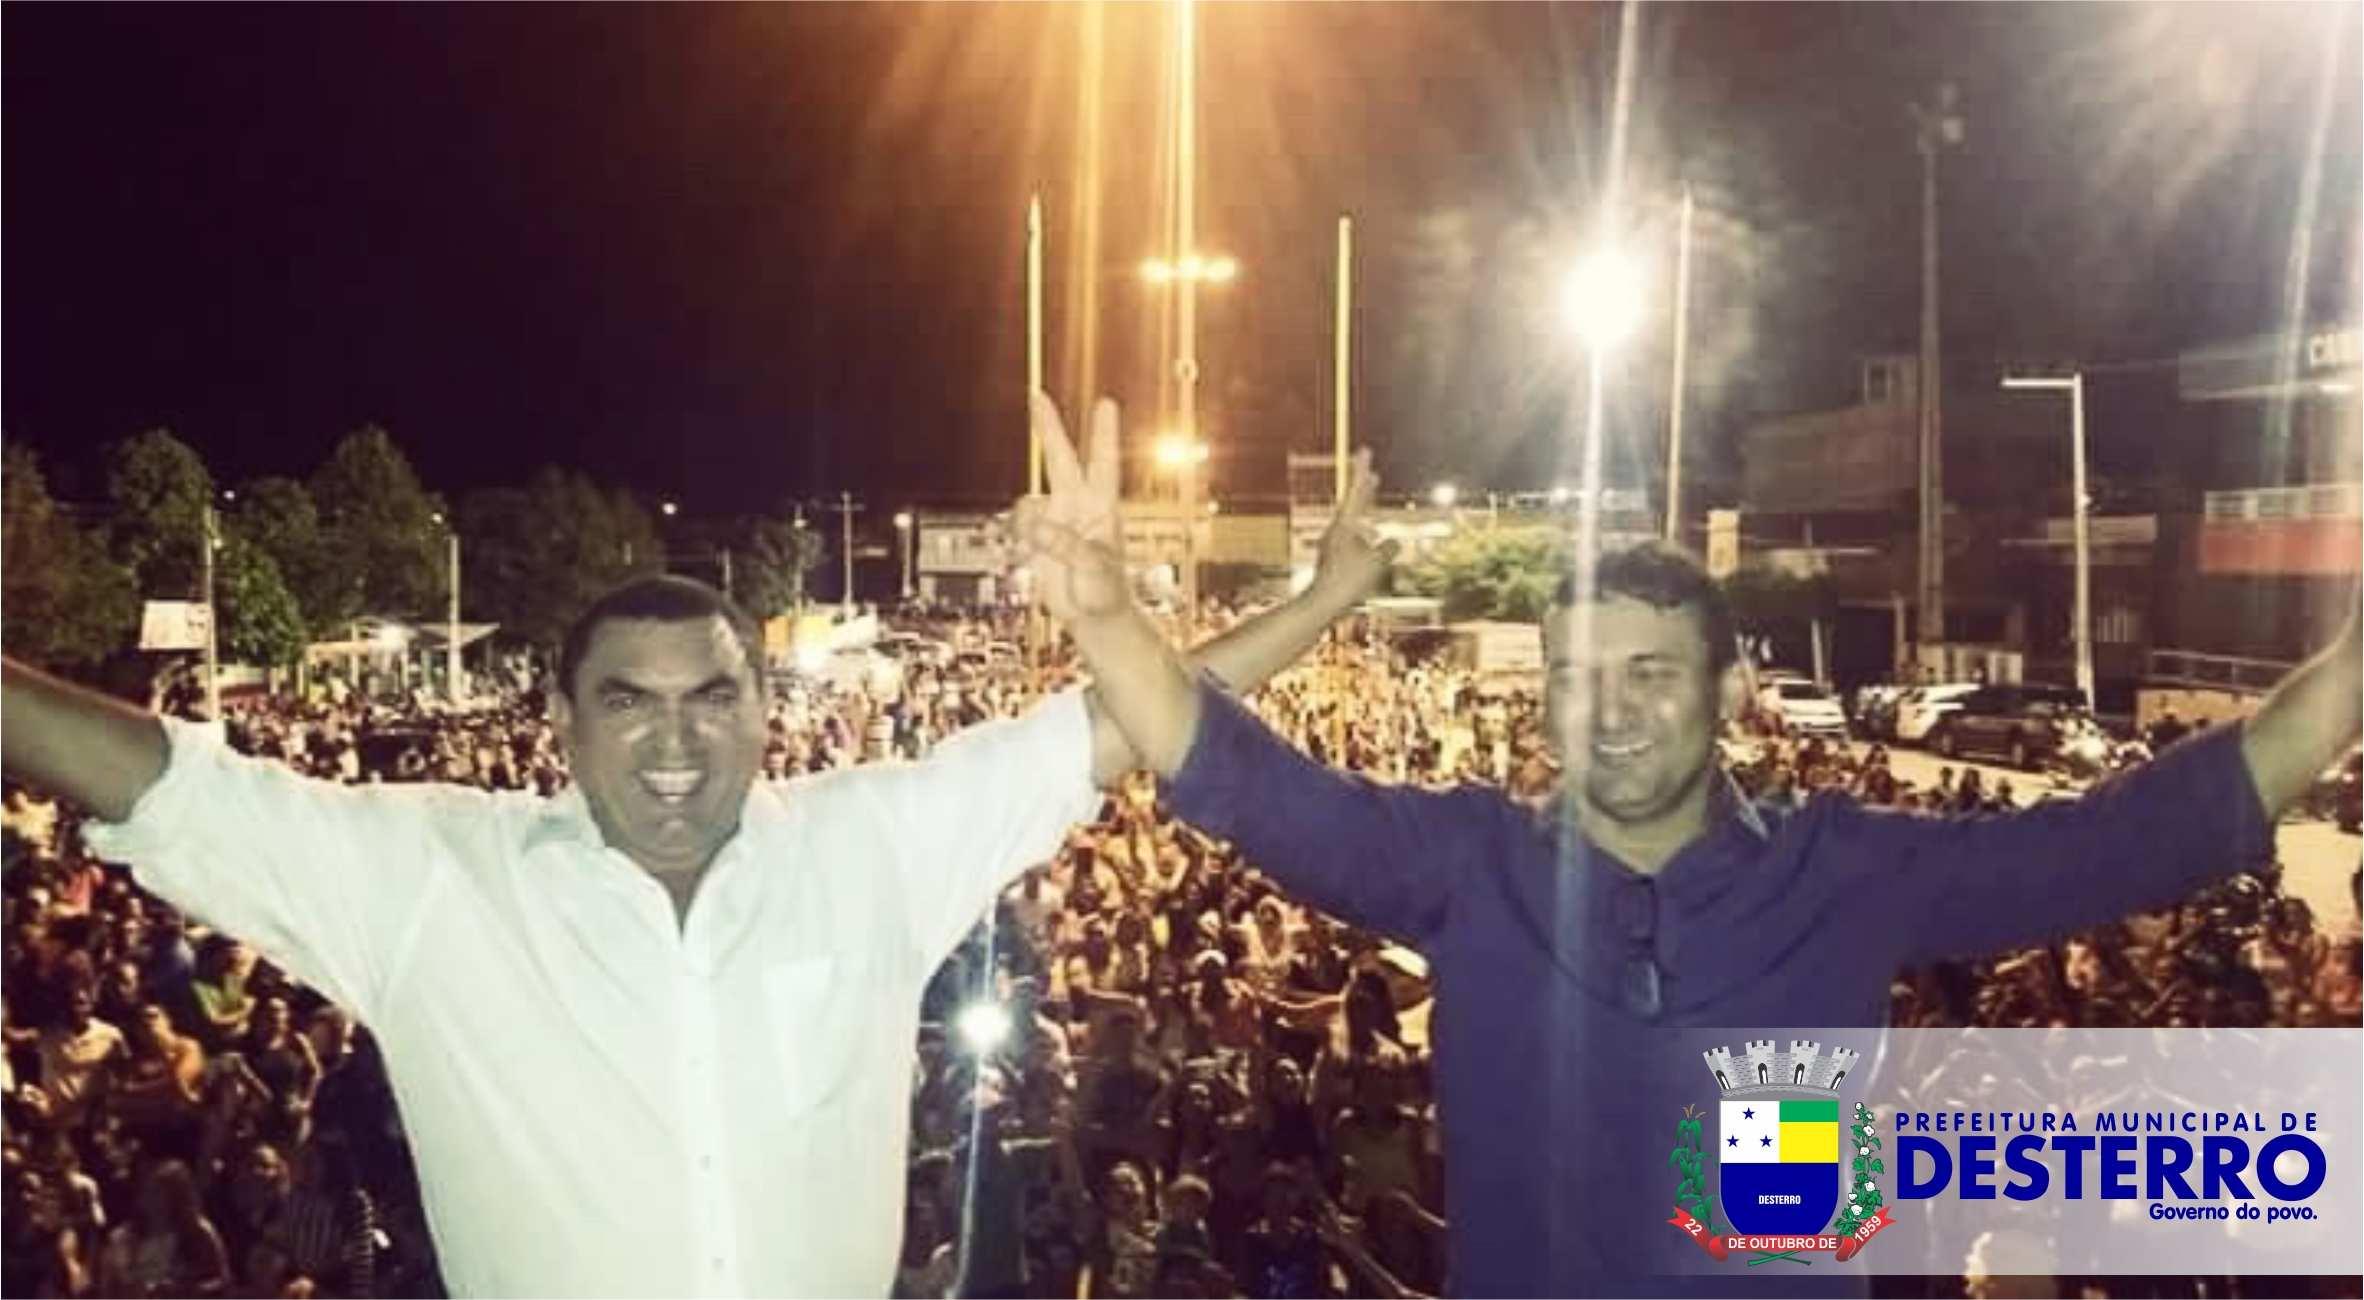 Dilson de Almeida e Valtércio de Almeida são empossados prefeito e vice para a gestão 2017-2020